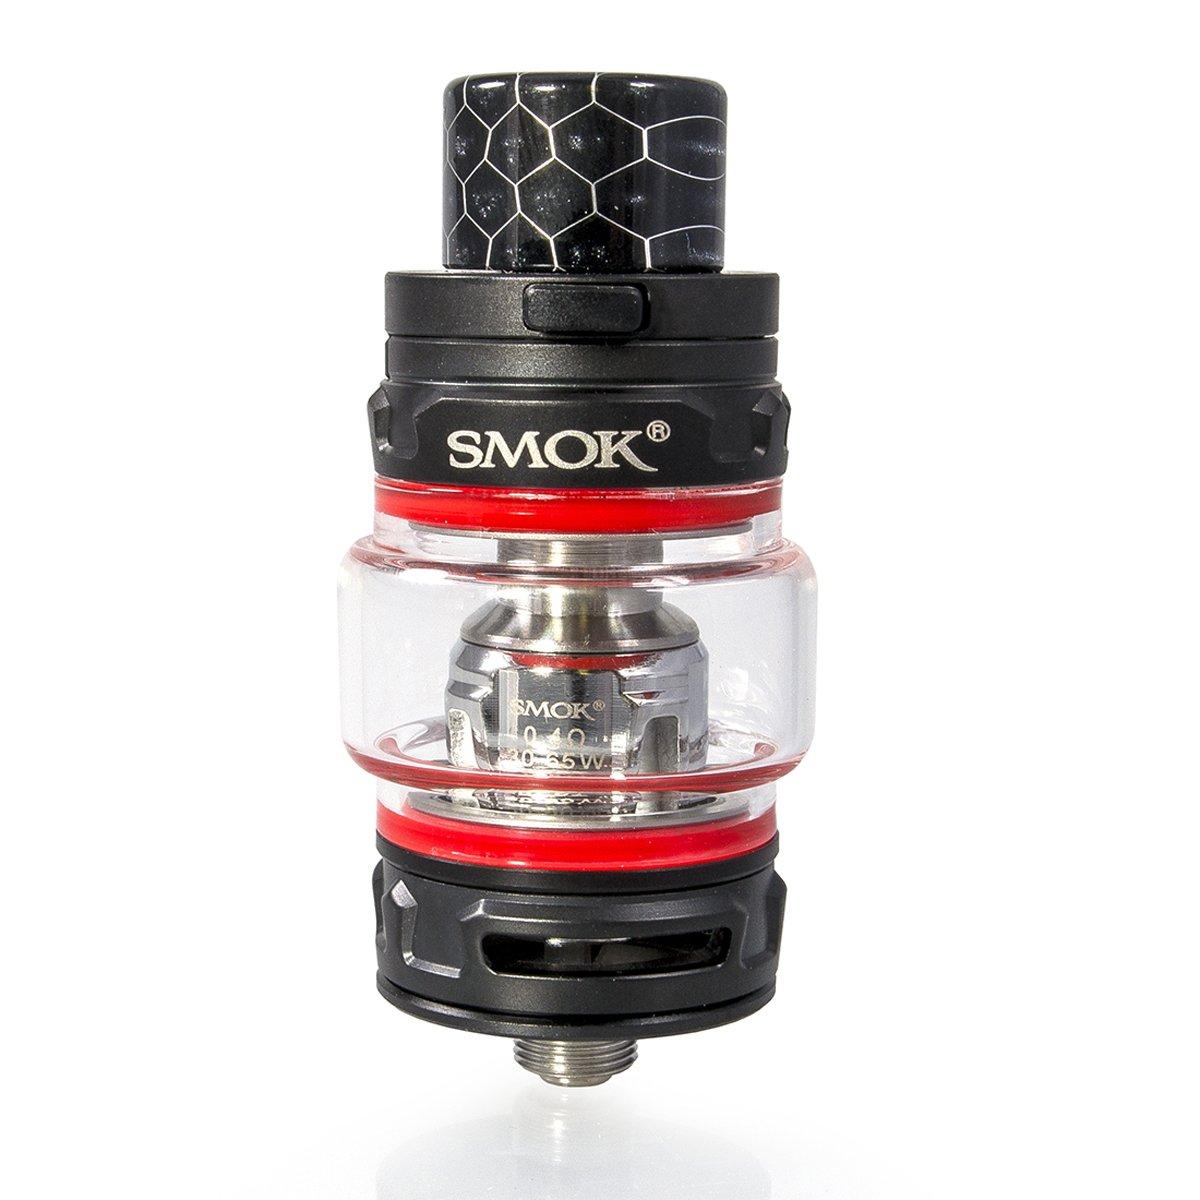 SMOK TFV12 Baby Prince 4.5ML Sub-Ohm Tank